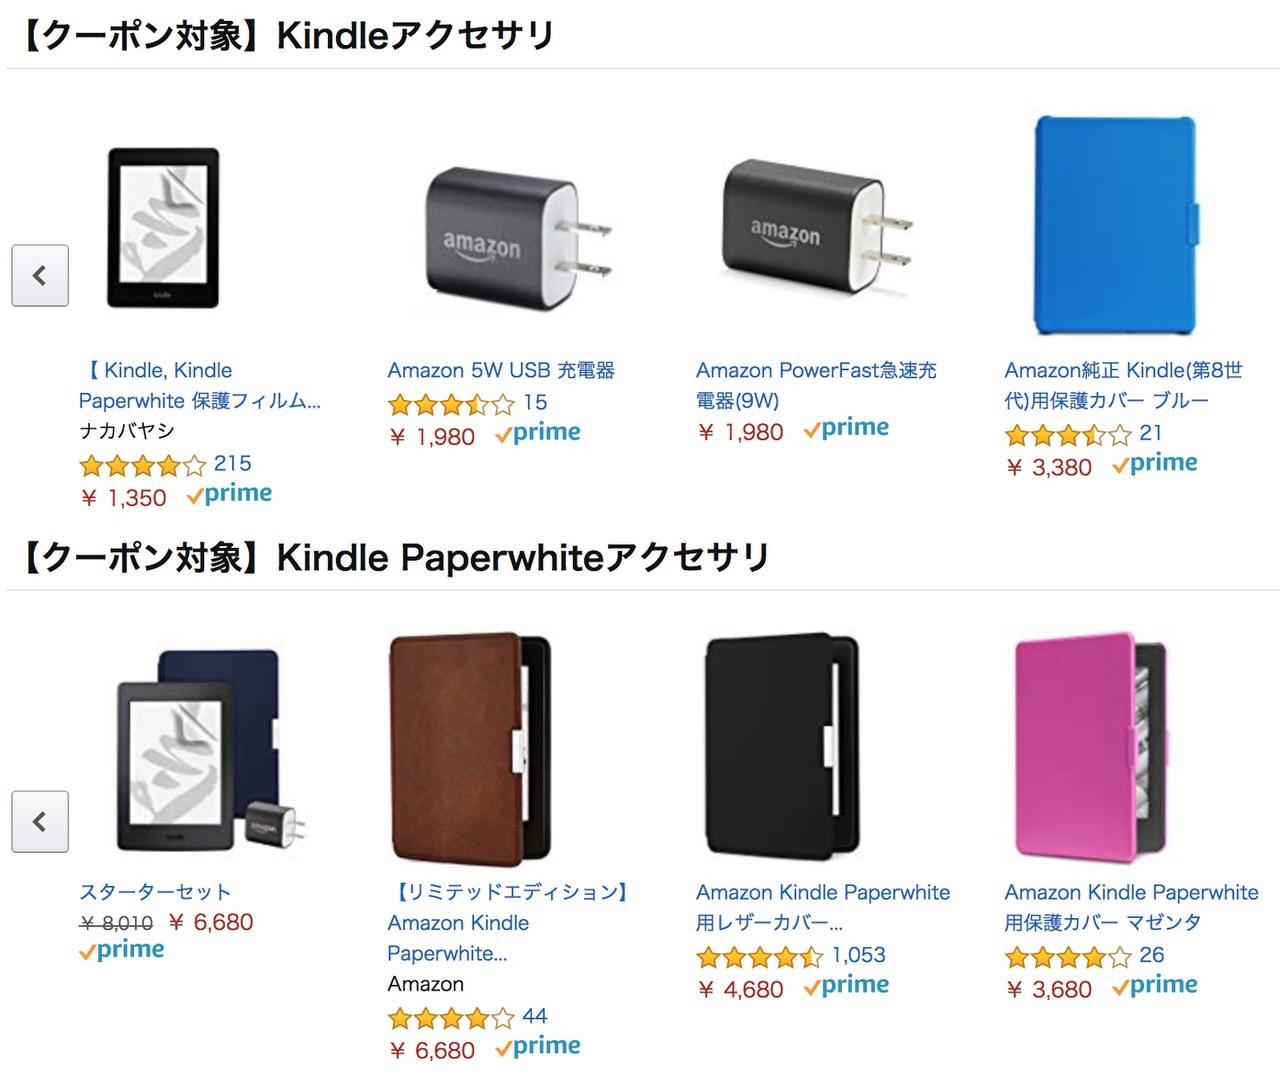 Amazon Echoシリーズ、Fireタブレットシリーズ、Kindleシリーズのアクセサリが20%オフ